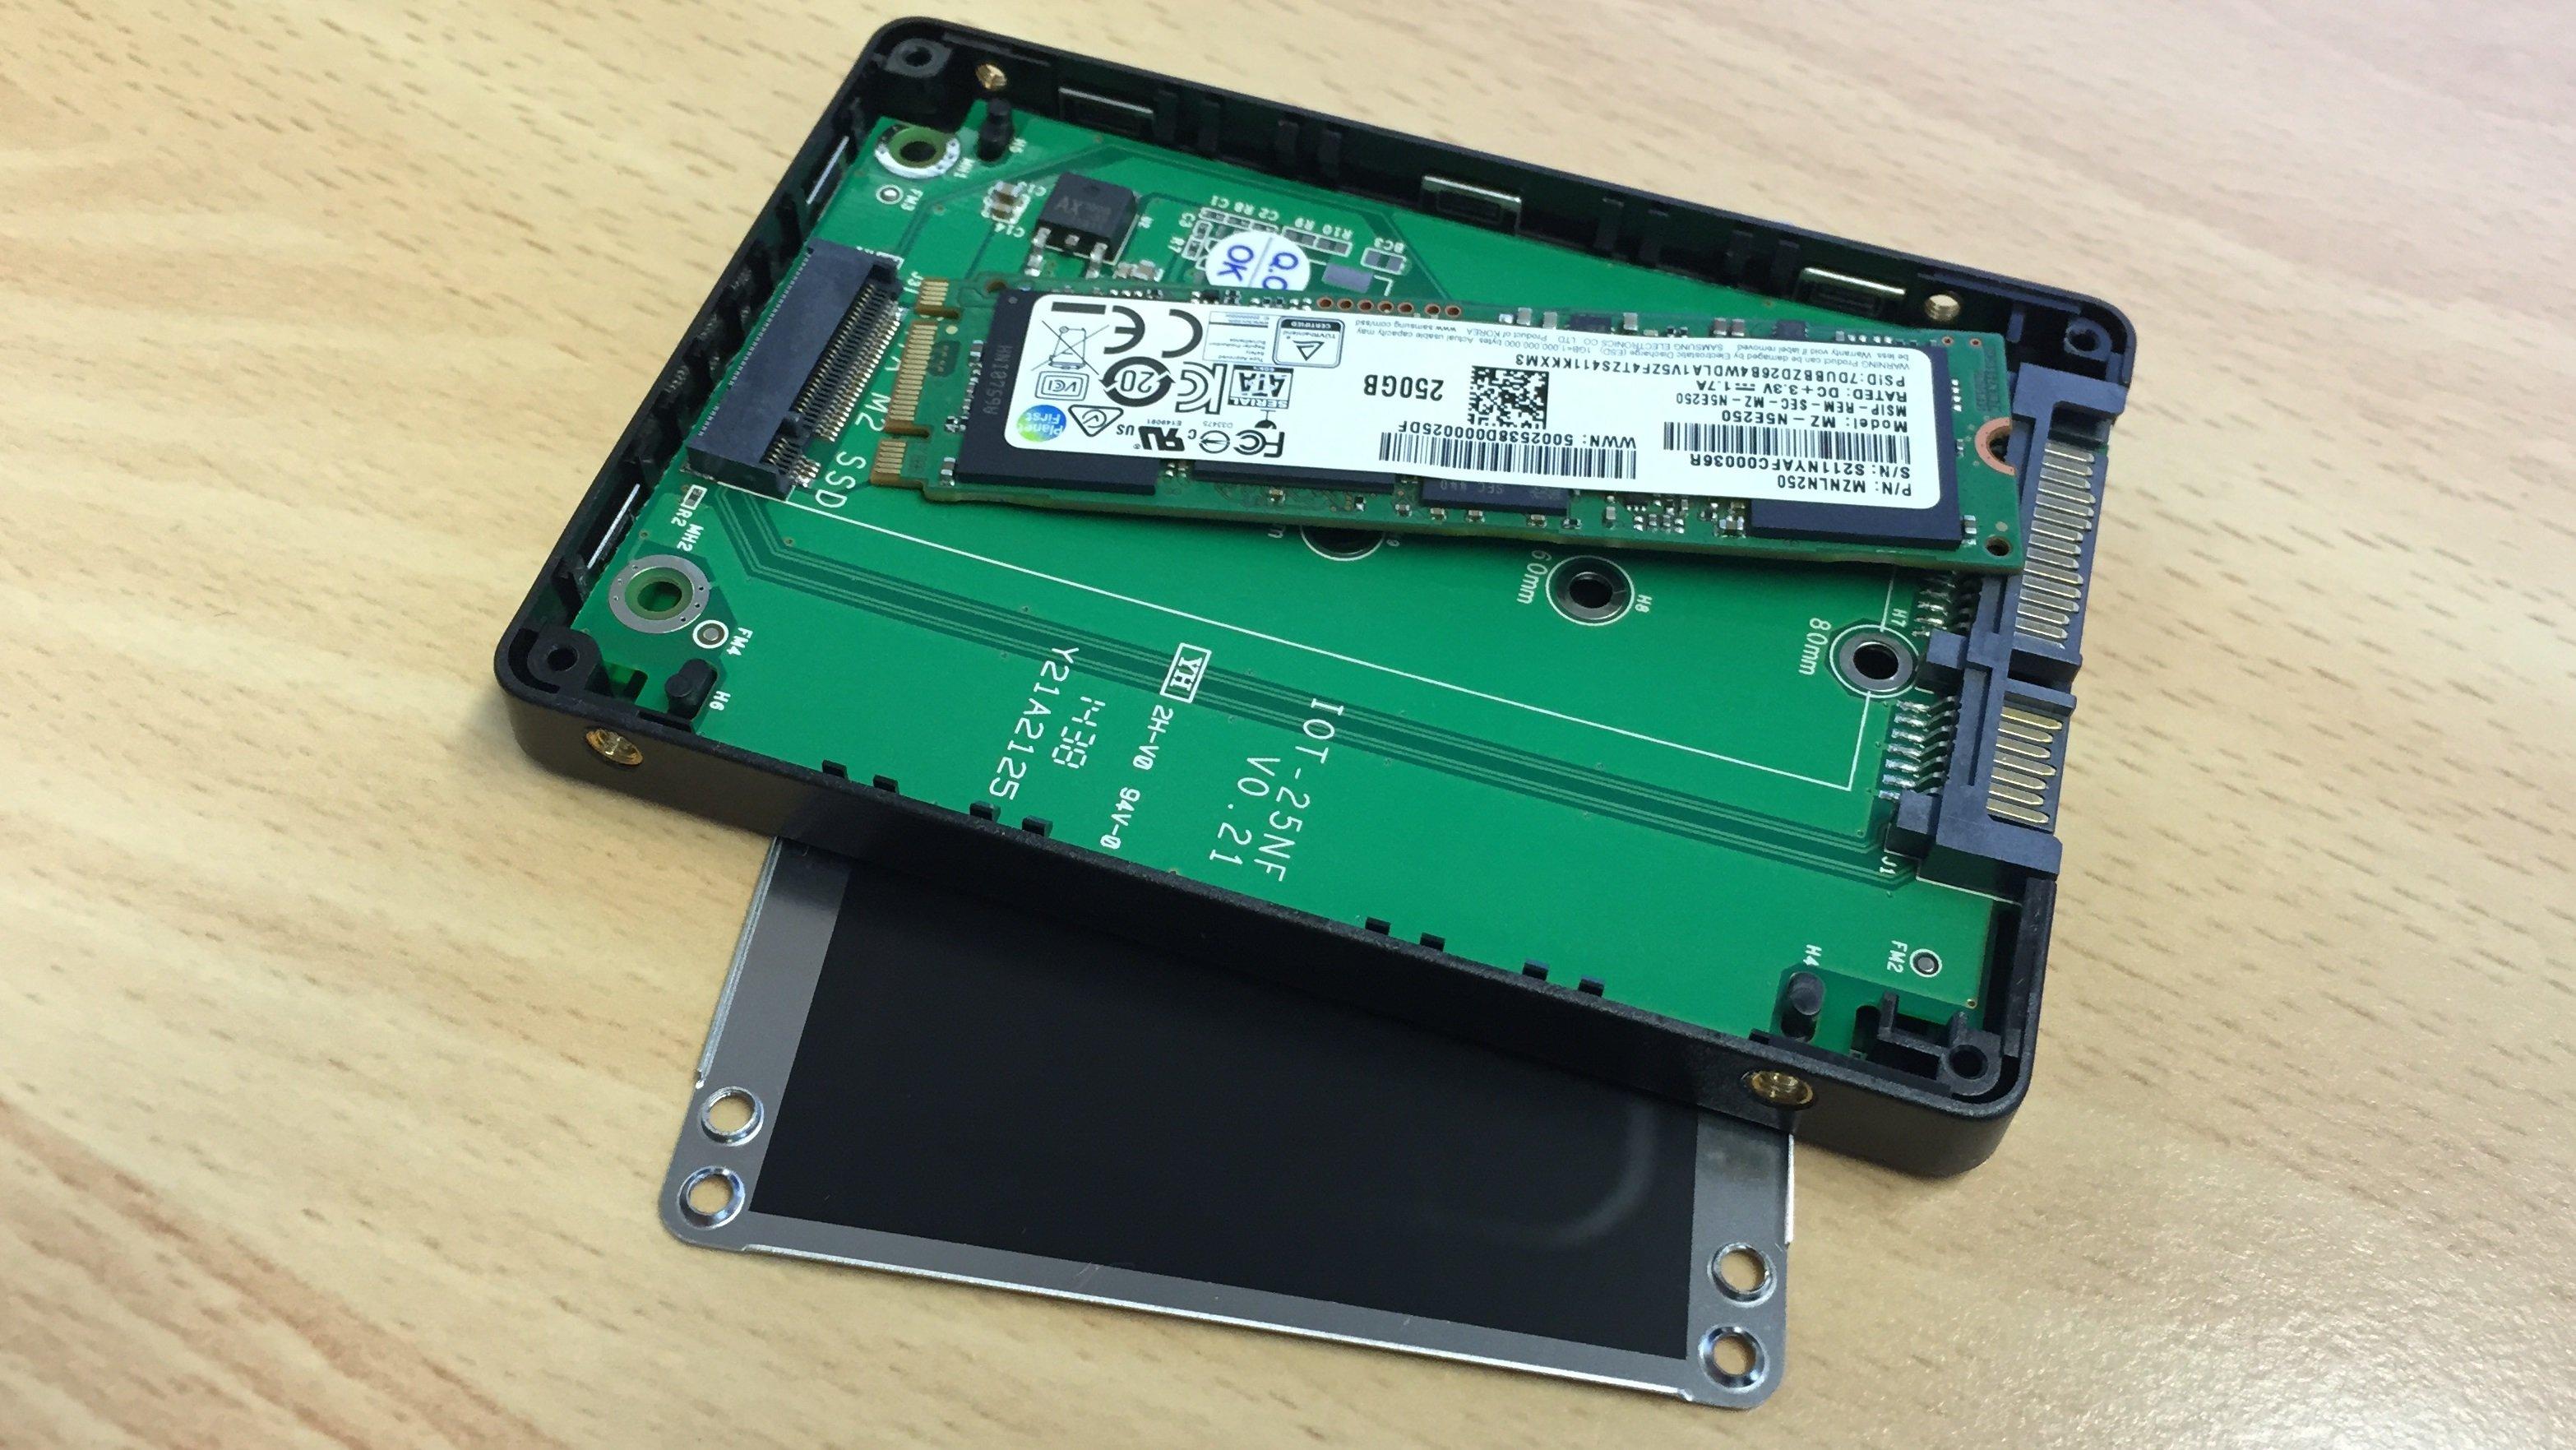 Samsung SSD 850 EVO M.2 250GB - MZ-N5E250BW - Data Migration Tool